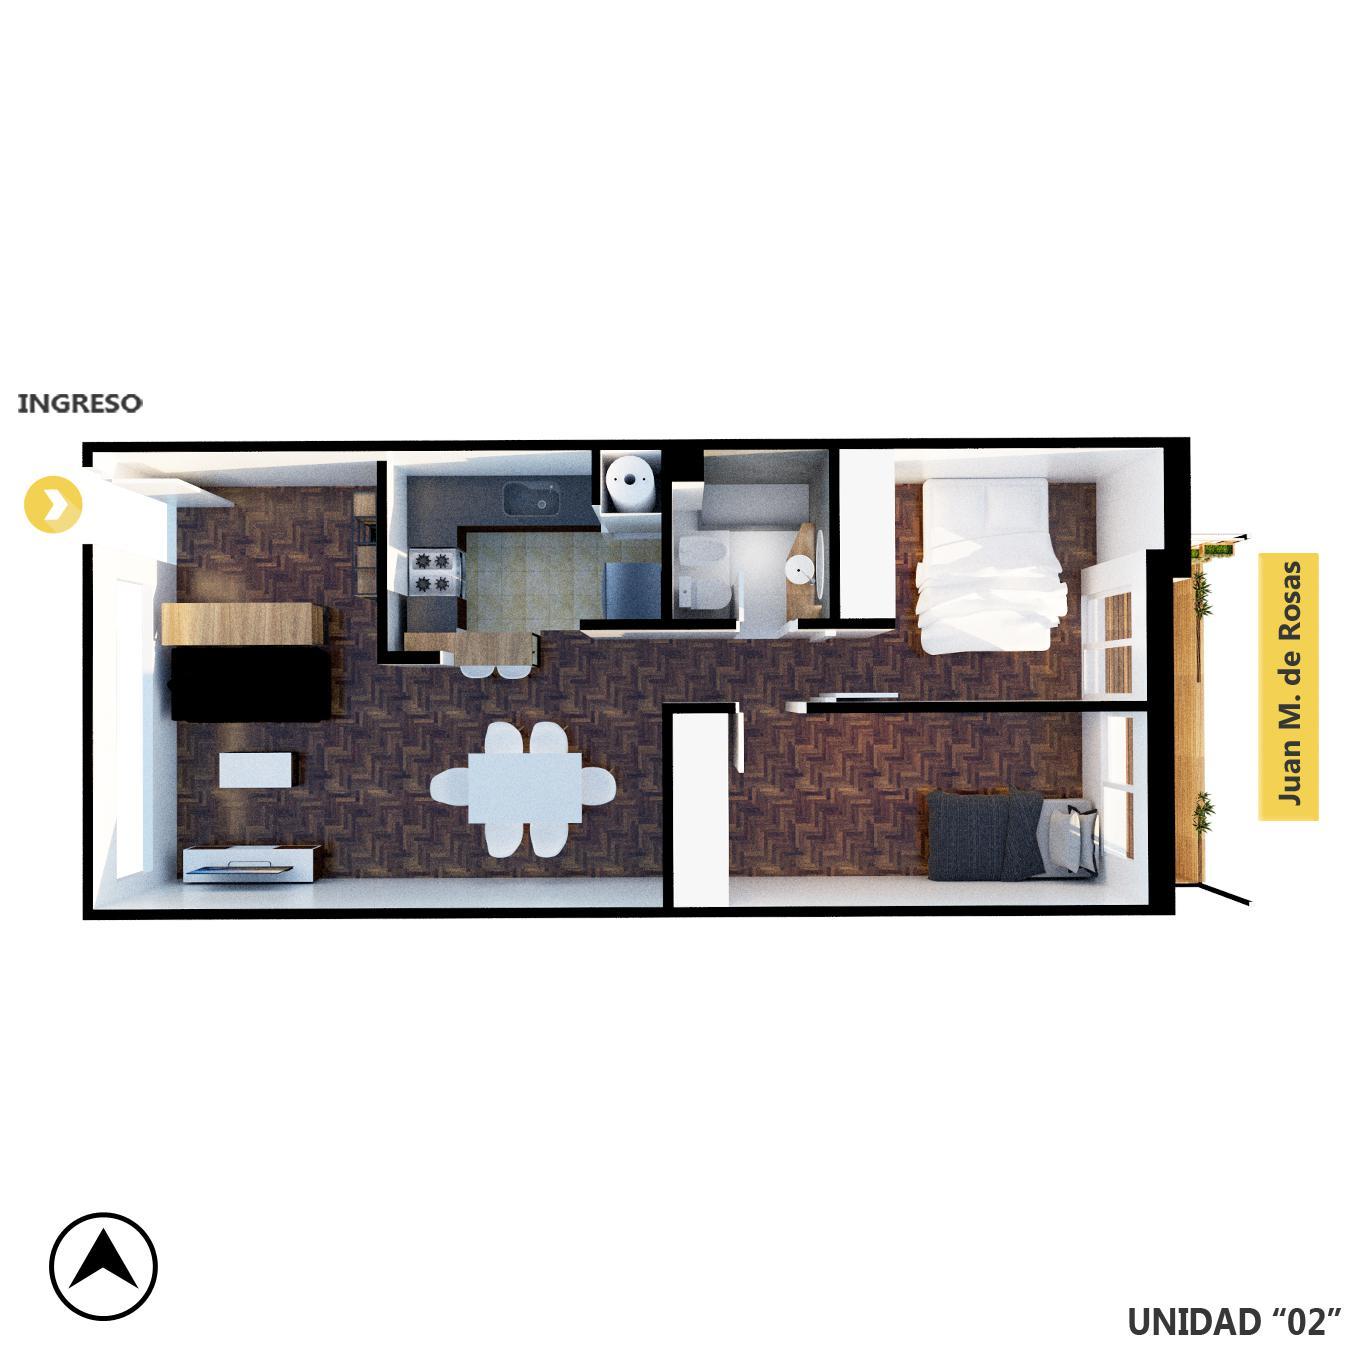 Venta departamento de pasillo 2 dormitorios Rosario, Centro. Cod CPH1145845. Crestale Propiedades